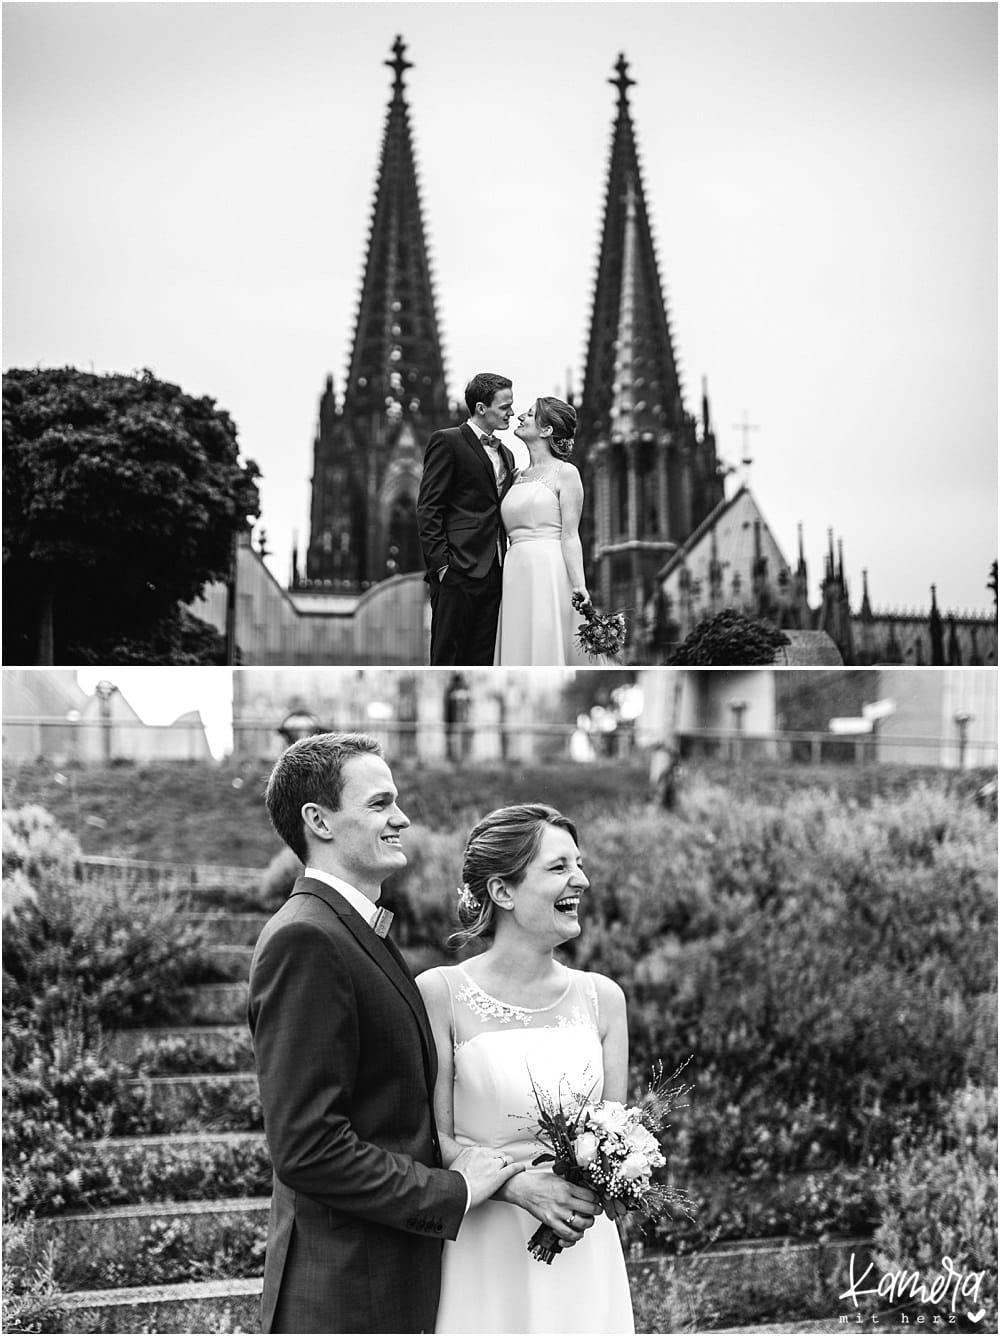 Hochzeitsfotos Köln im historischen Rathaus und Shooting in der Altstadt